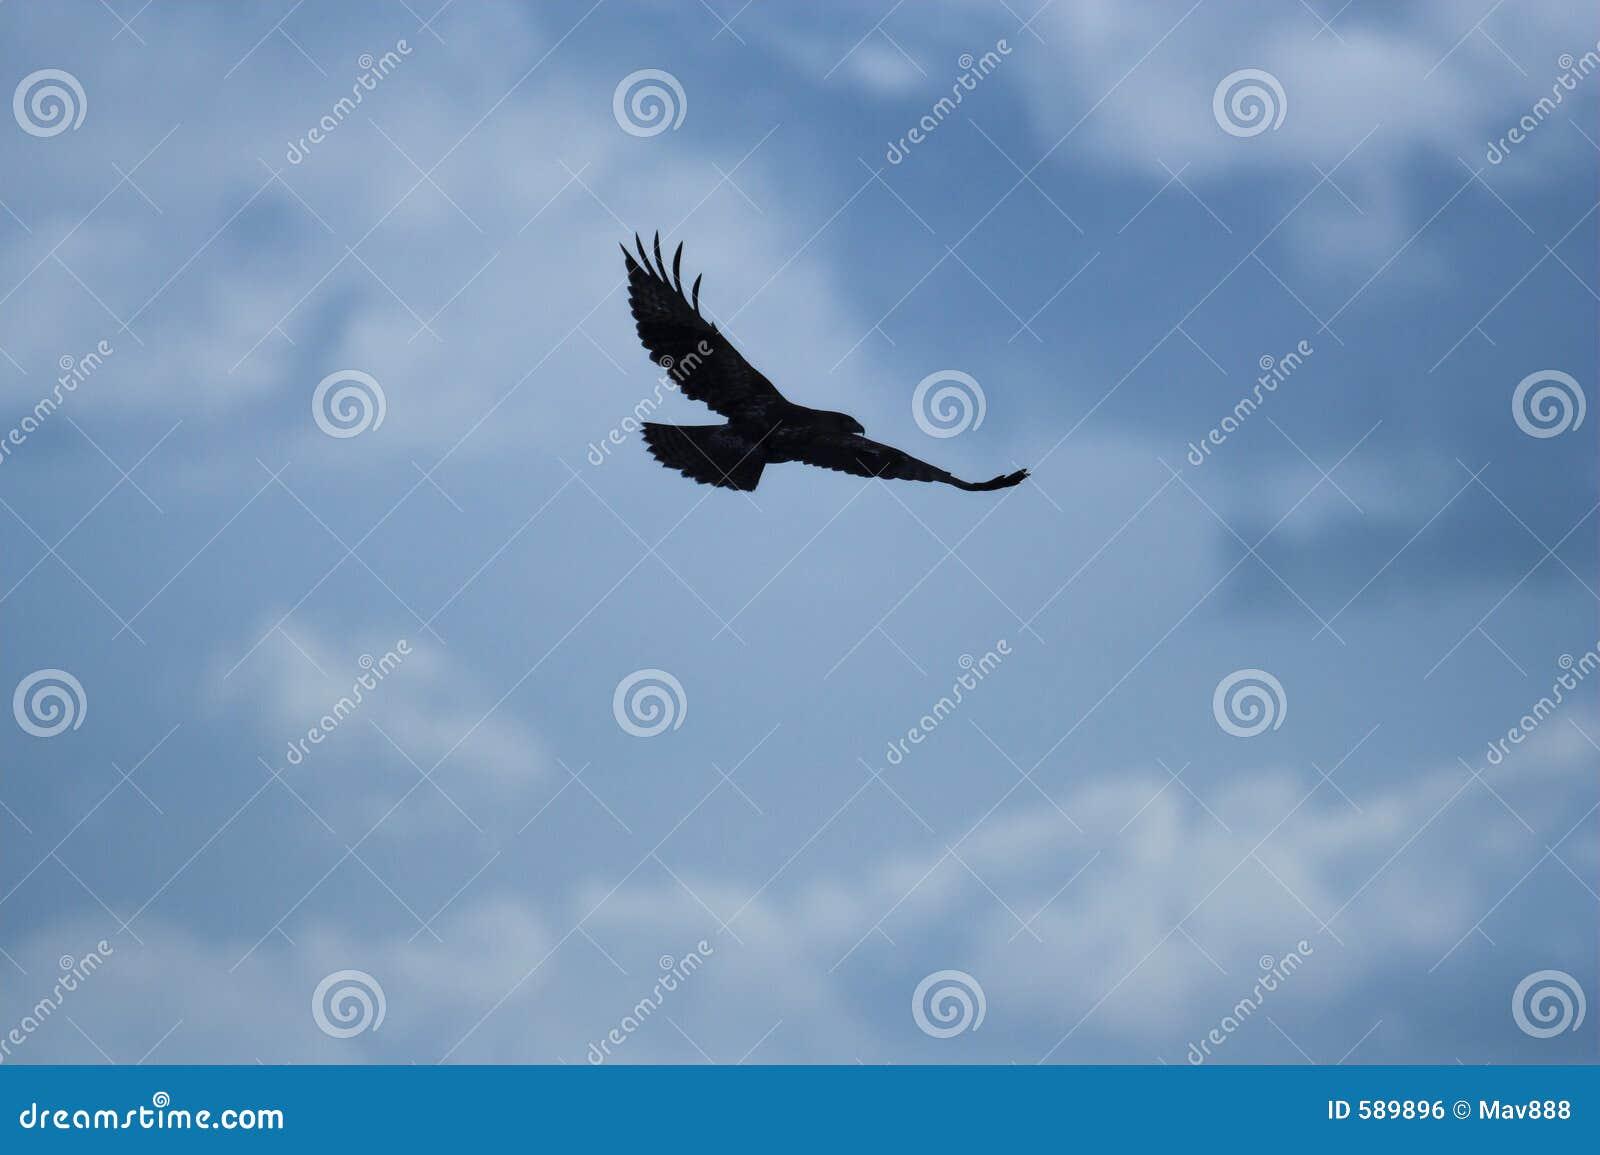 Hawk silhouetteFlying Hawk Silhouette